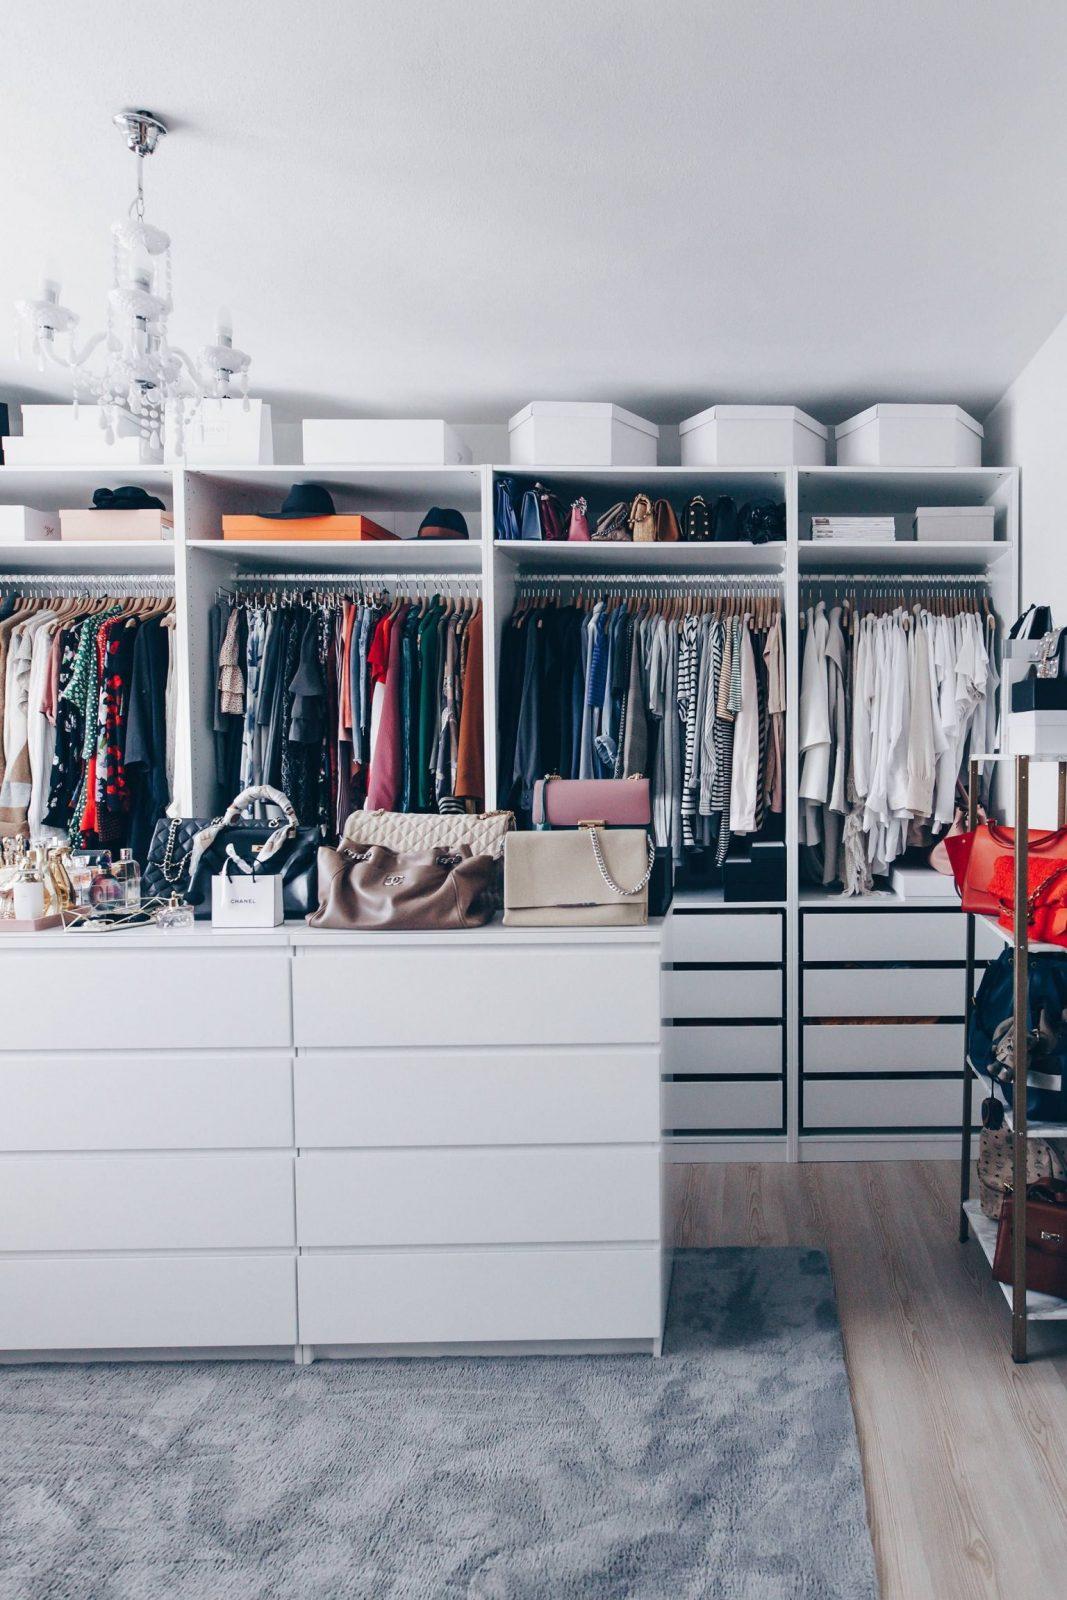 So Habe Ich Mein Ankleidezimmer Eingerichtet Und Gestaltet In 2019 von Ikea Schrank Selber Planen Bild